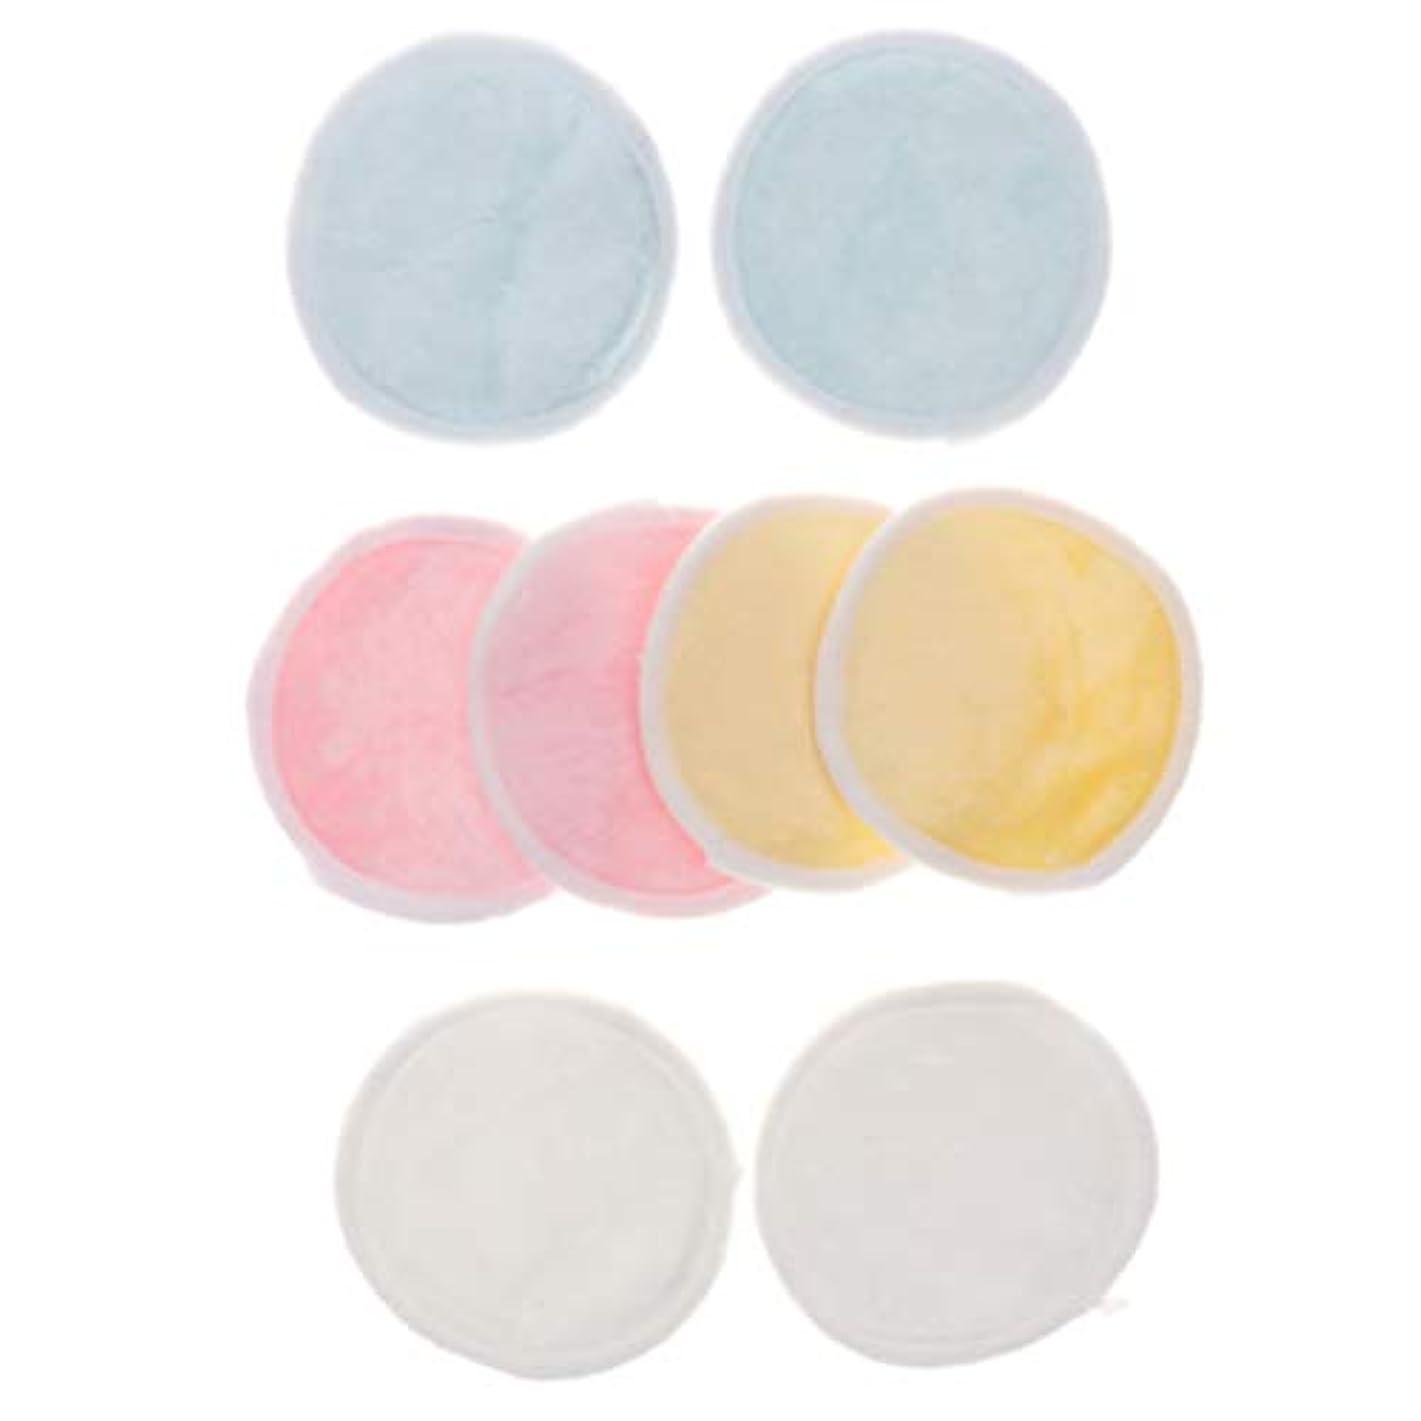 しばしばスクラップ谷クレンジングシート 化粧落としパッド メイク落としコットン 再使用可 化粧用 持ち運びに便利 8個入